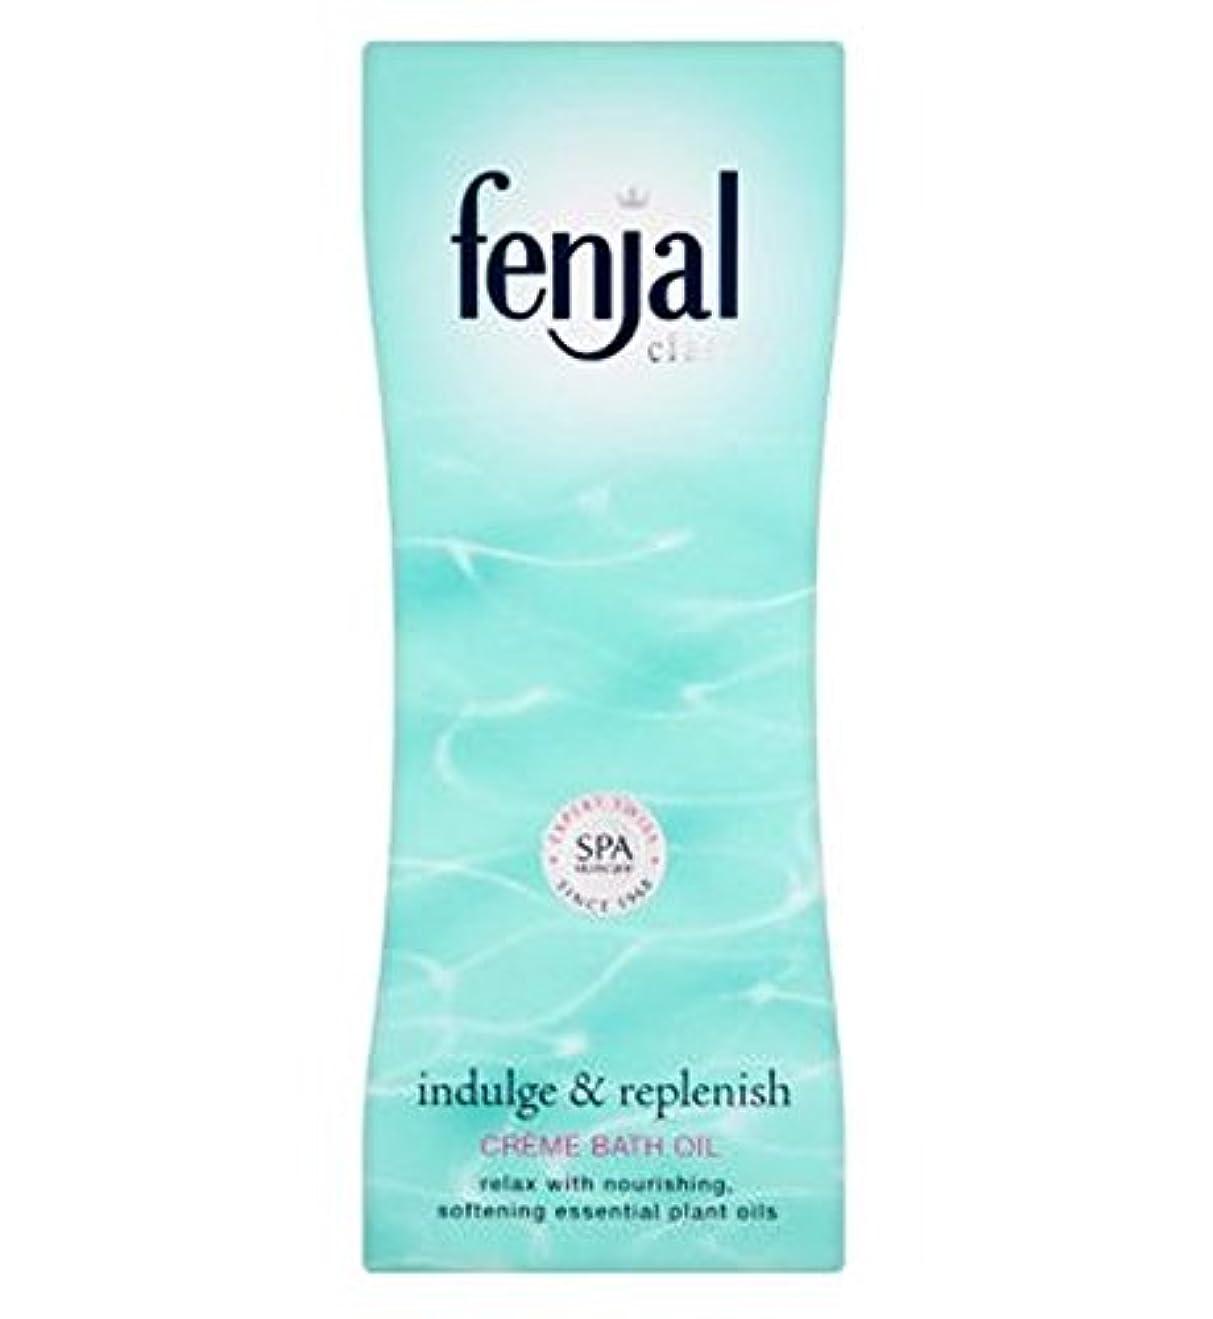 誘うパレードマガジンFenjal古典的な高級クリームバスオイル (Fenjal) (x2) - Fenjal Classic Luxury Creme Bath Oil (Pack of 2) [並行輸入品]